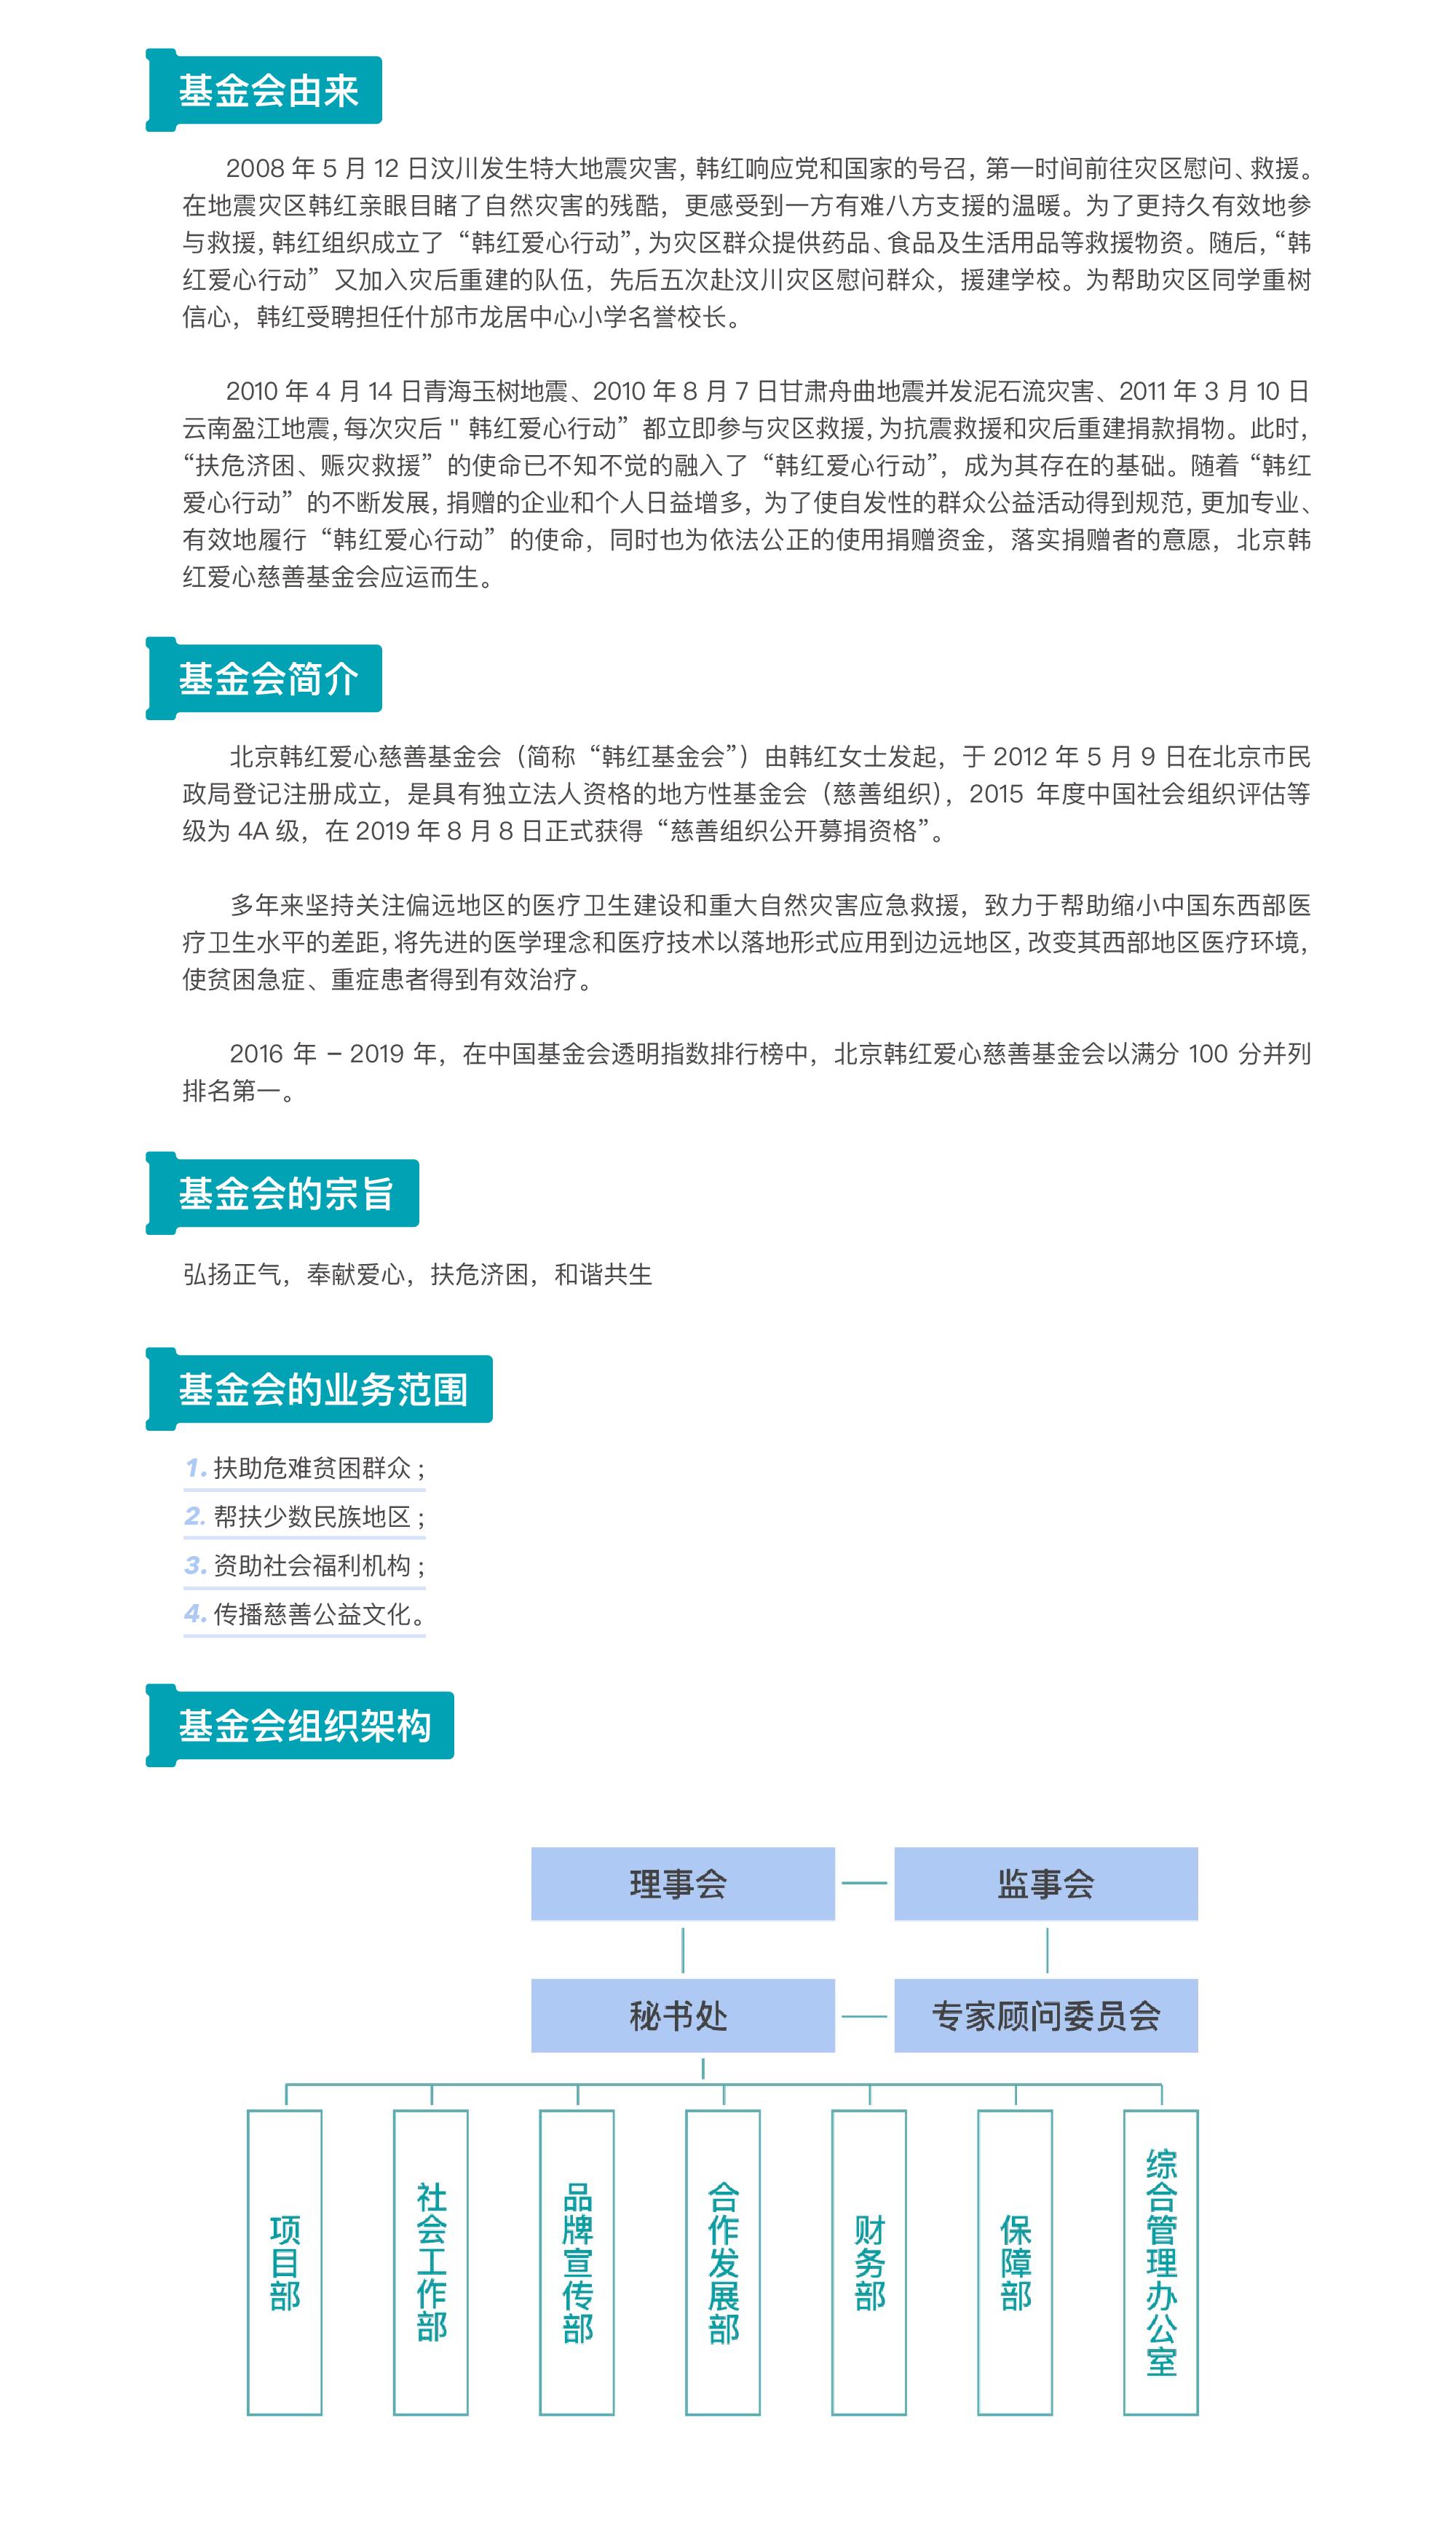 基金会介绍.png